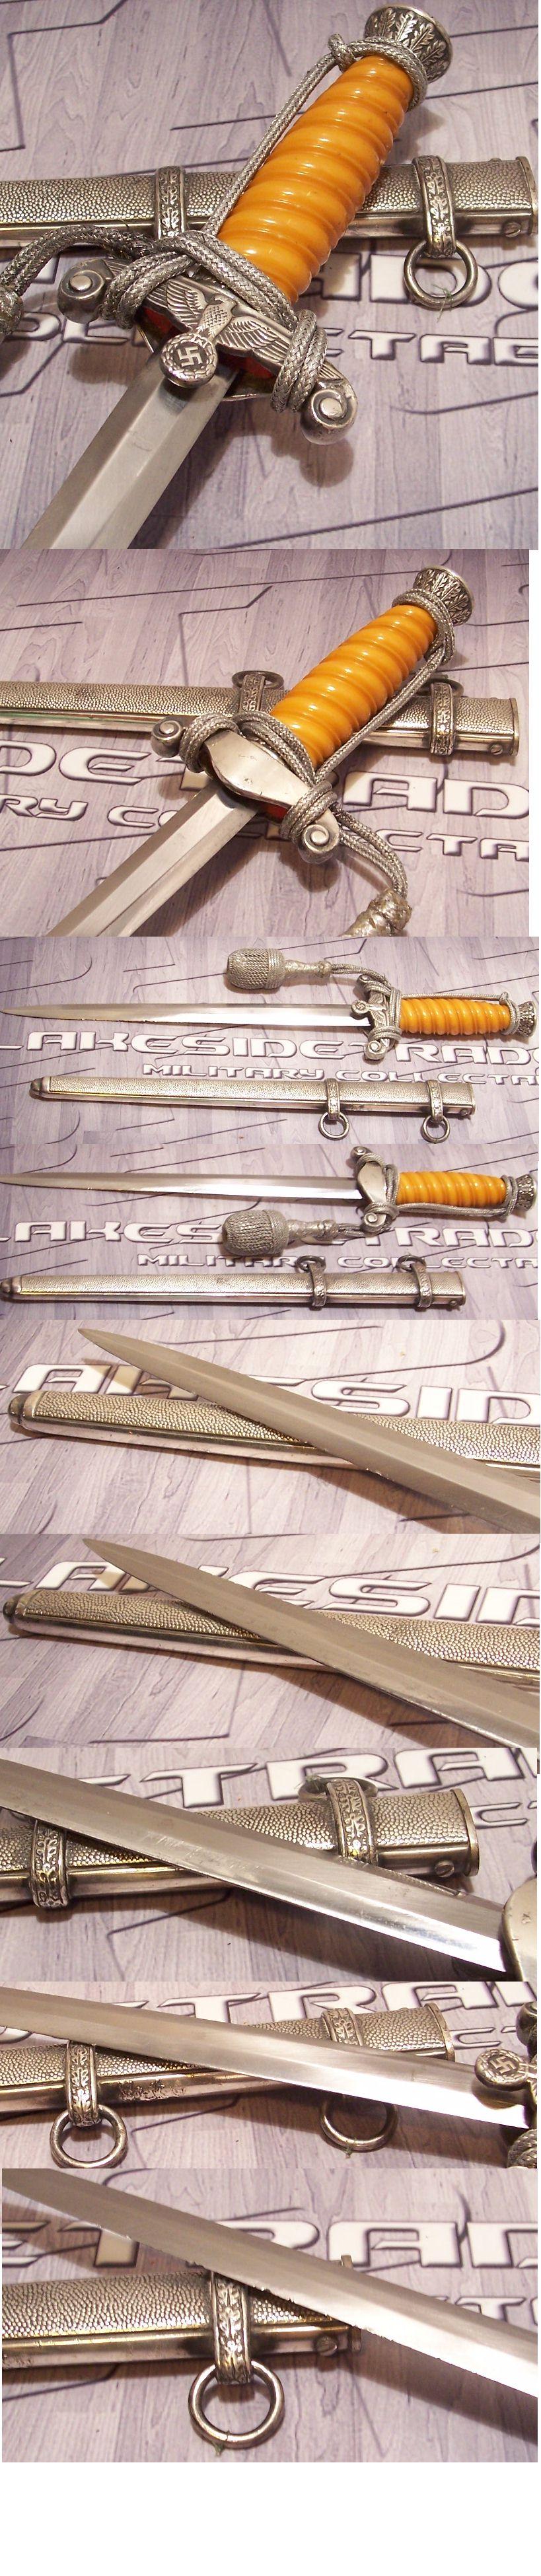 Alcoso Army Dagger